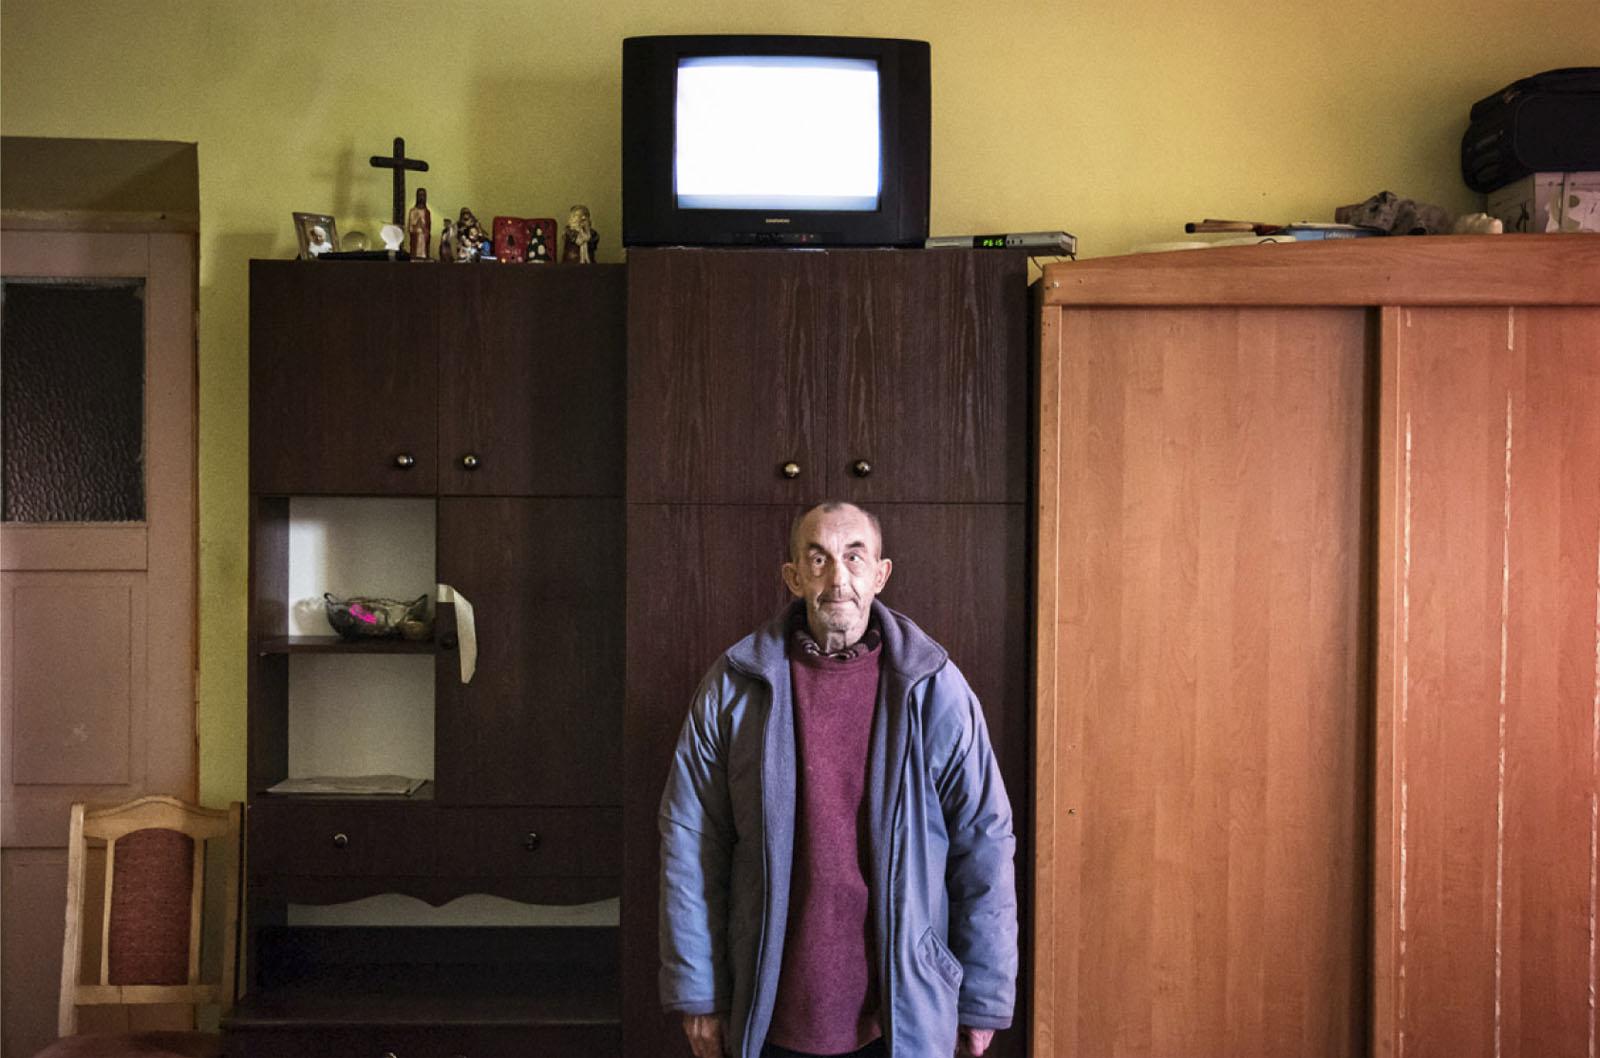 Jan Figura w swoim mieszkaniu, Radom, 1 grudnia 2013 roku (źródło: materiały prasowe organizatora)